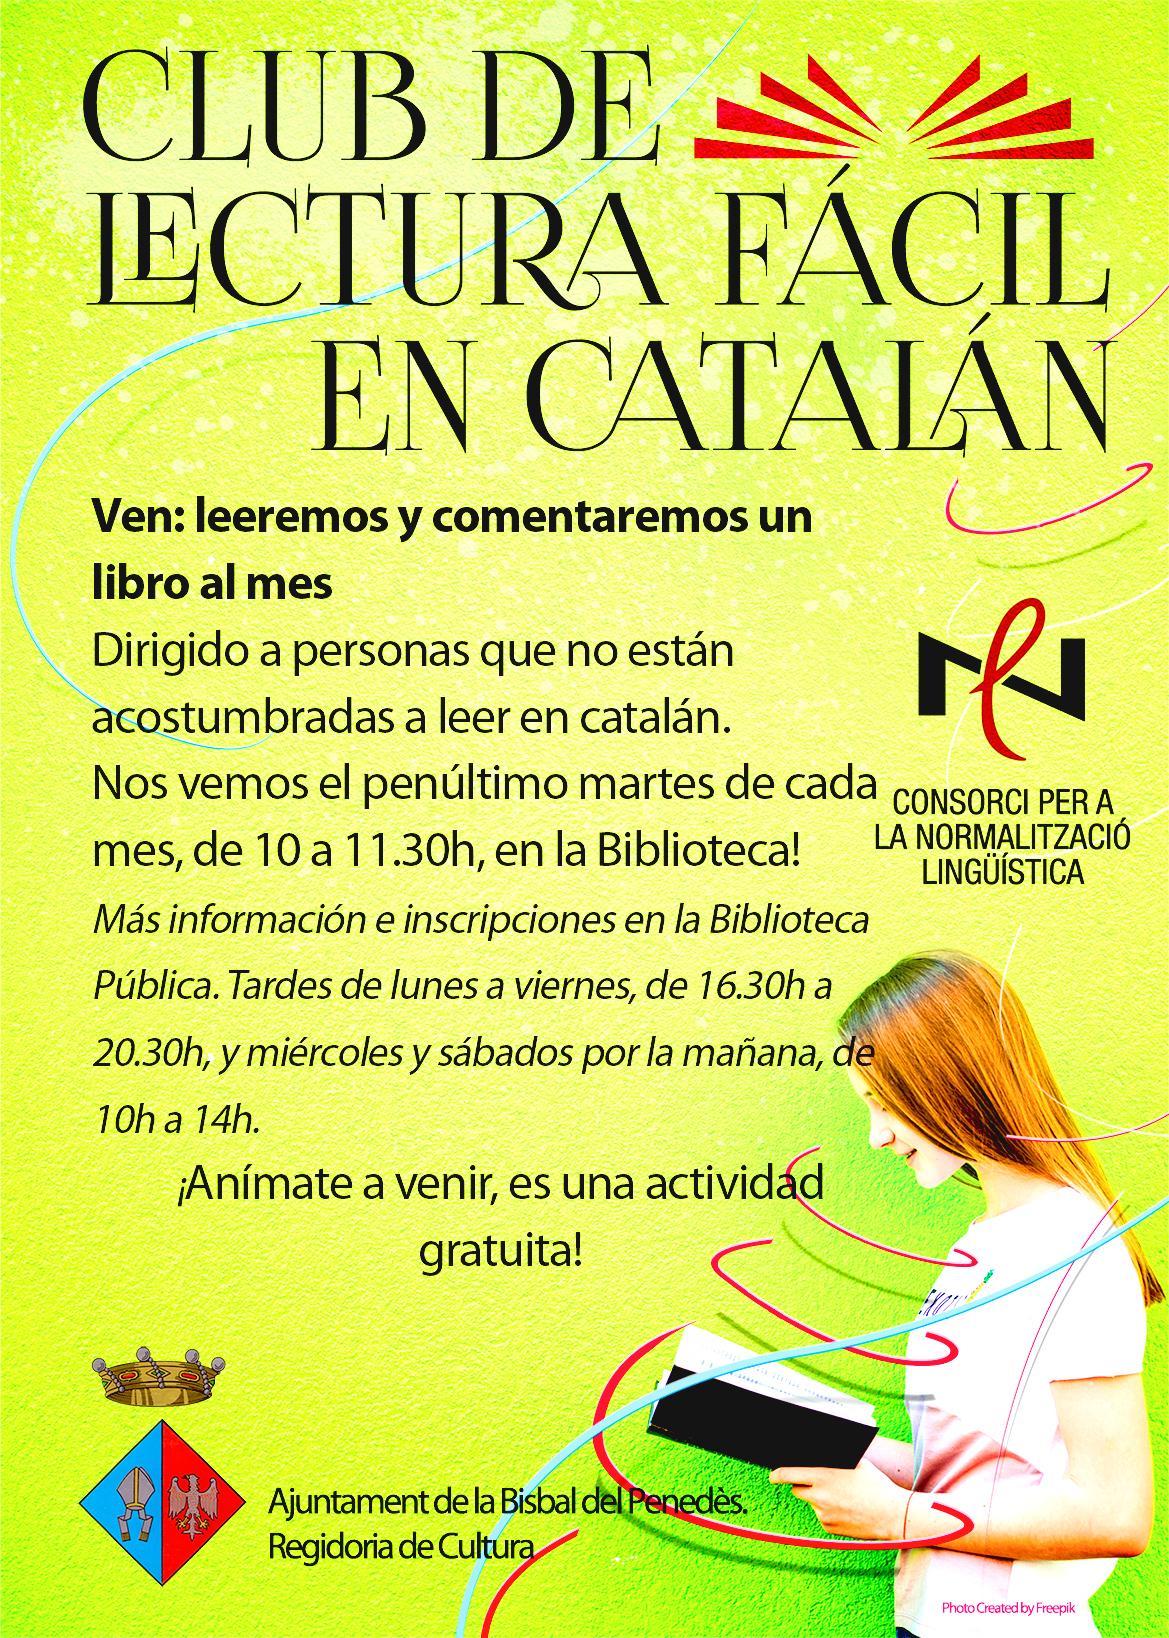 ¿Te gustaría leer mejor en catalán? ¡Hemos pensado un club de lectura para ti!